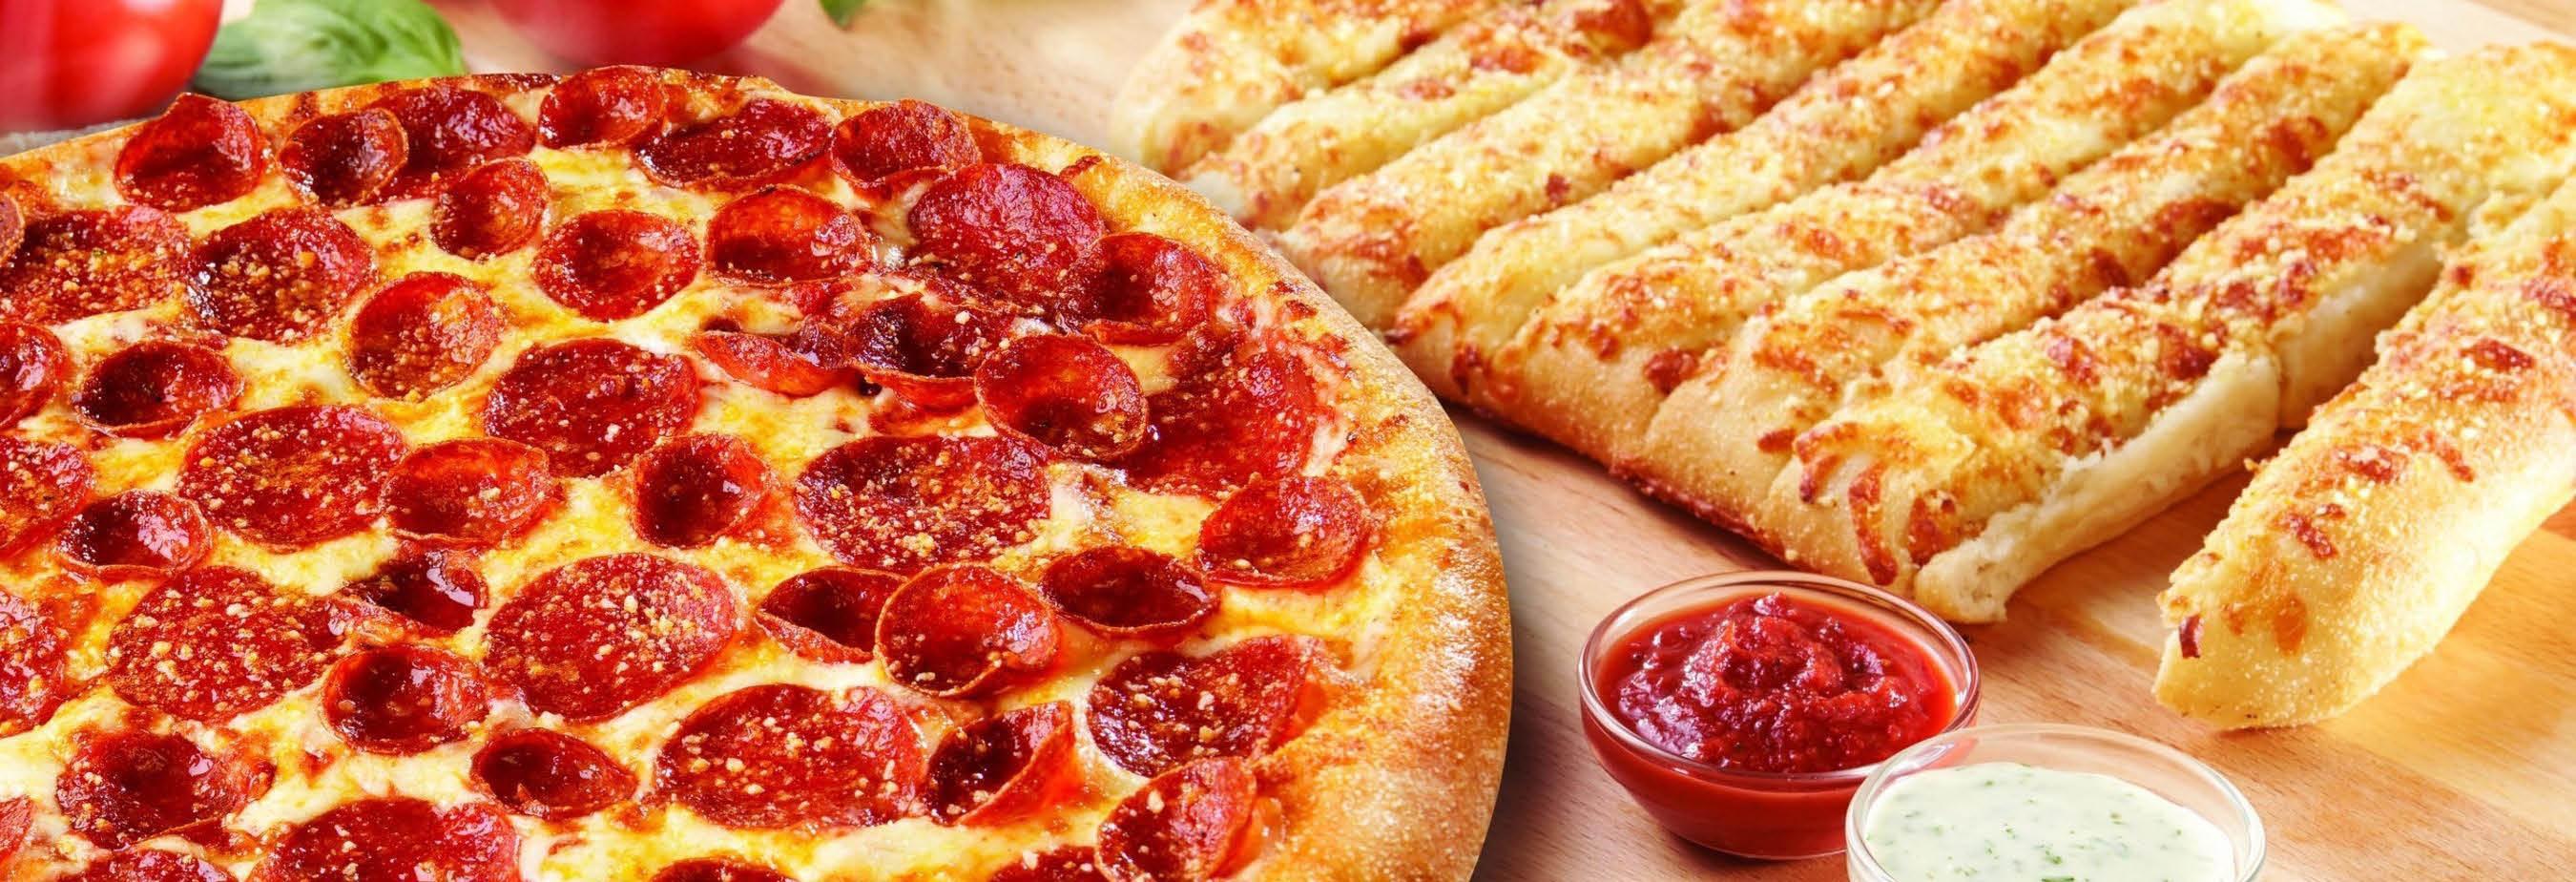 italian pizza fast hot delivery pick up Toledo Toledo Ohio pizza near me